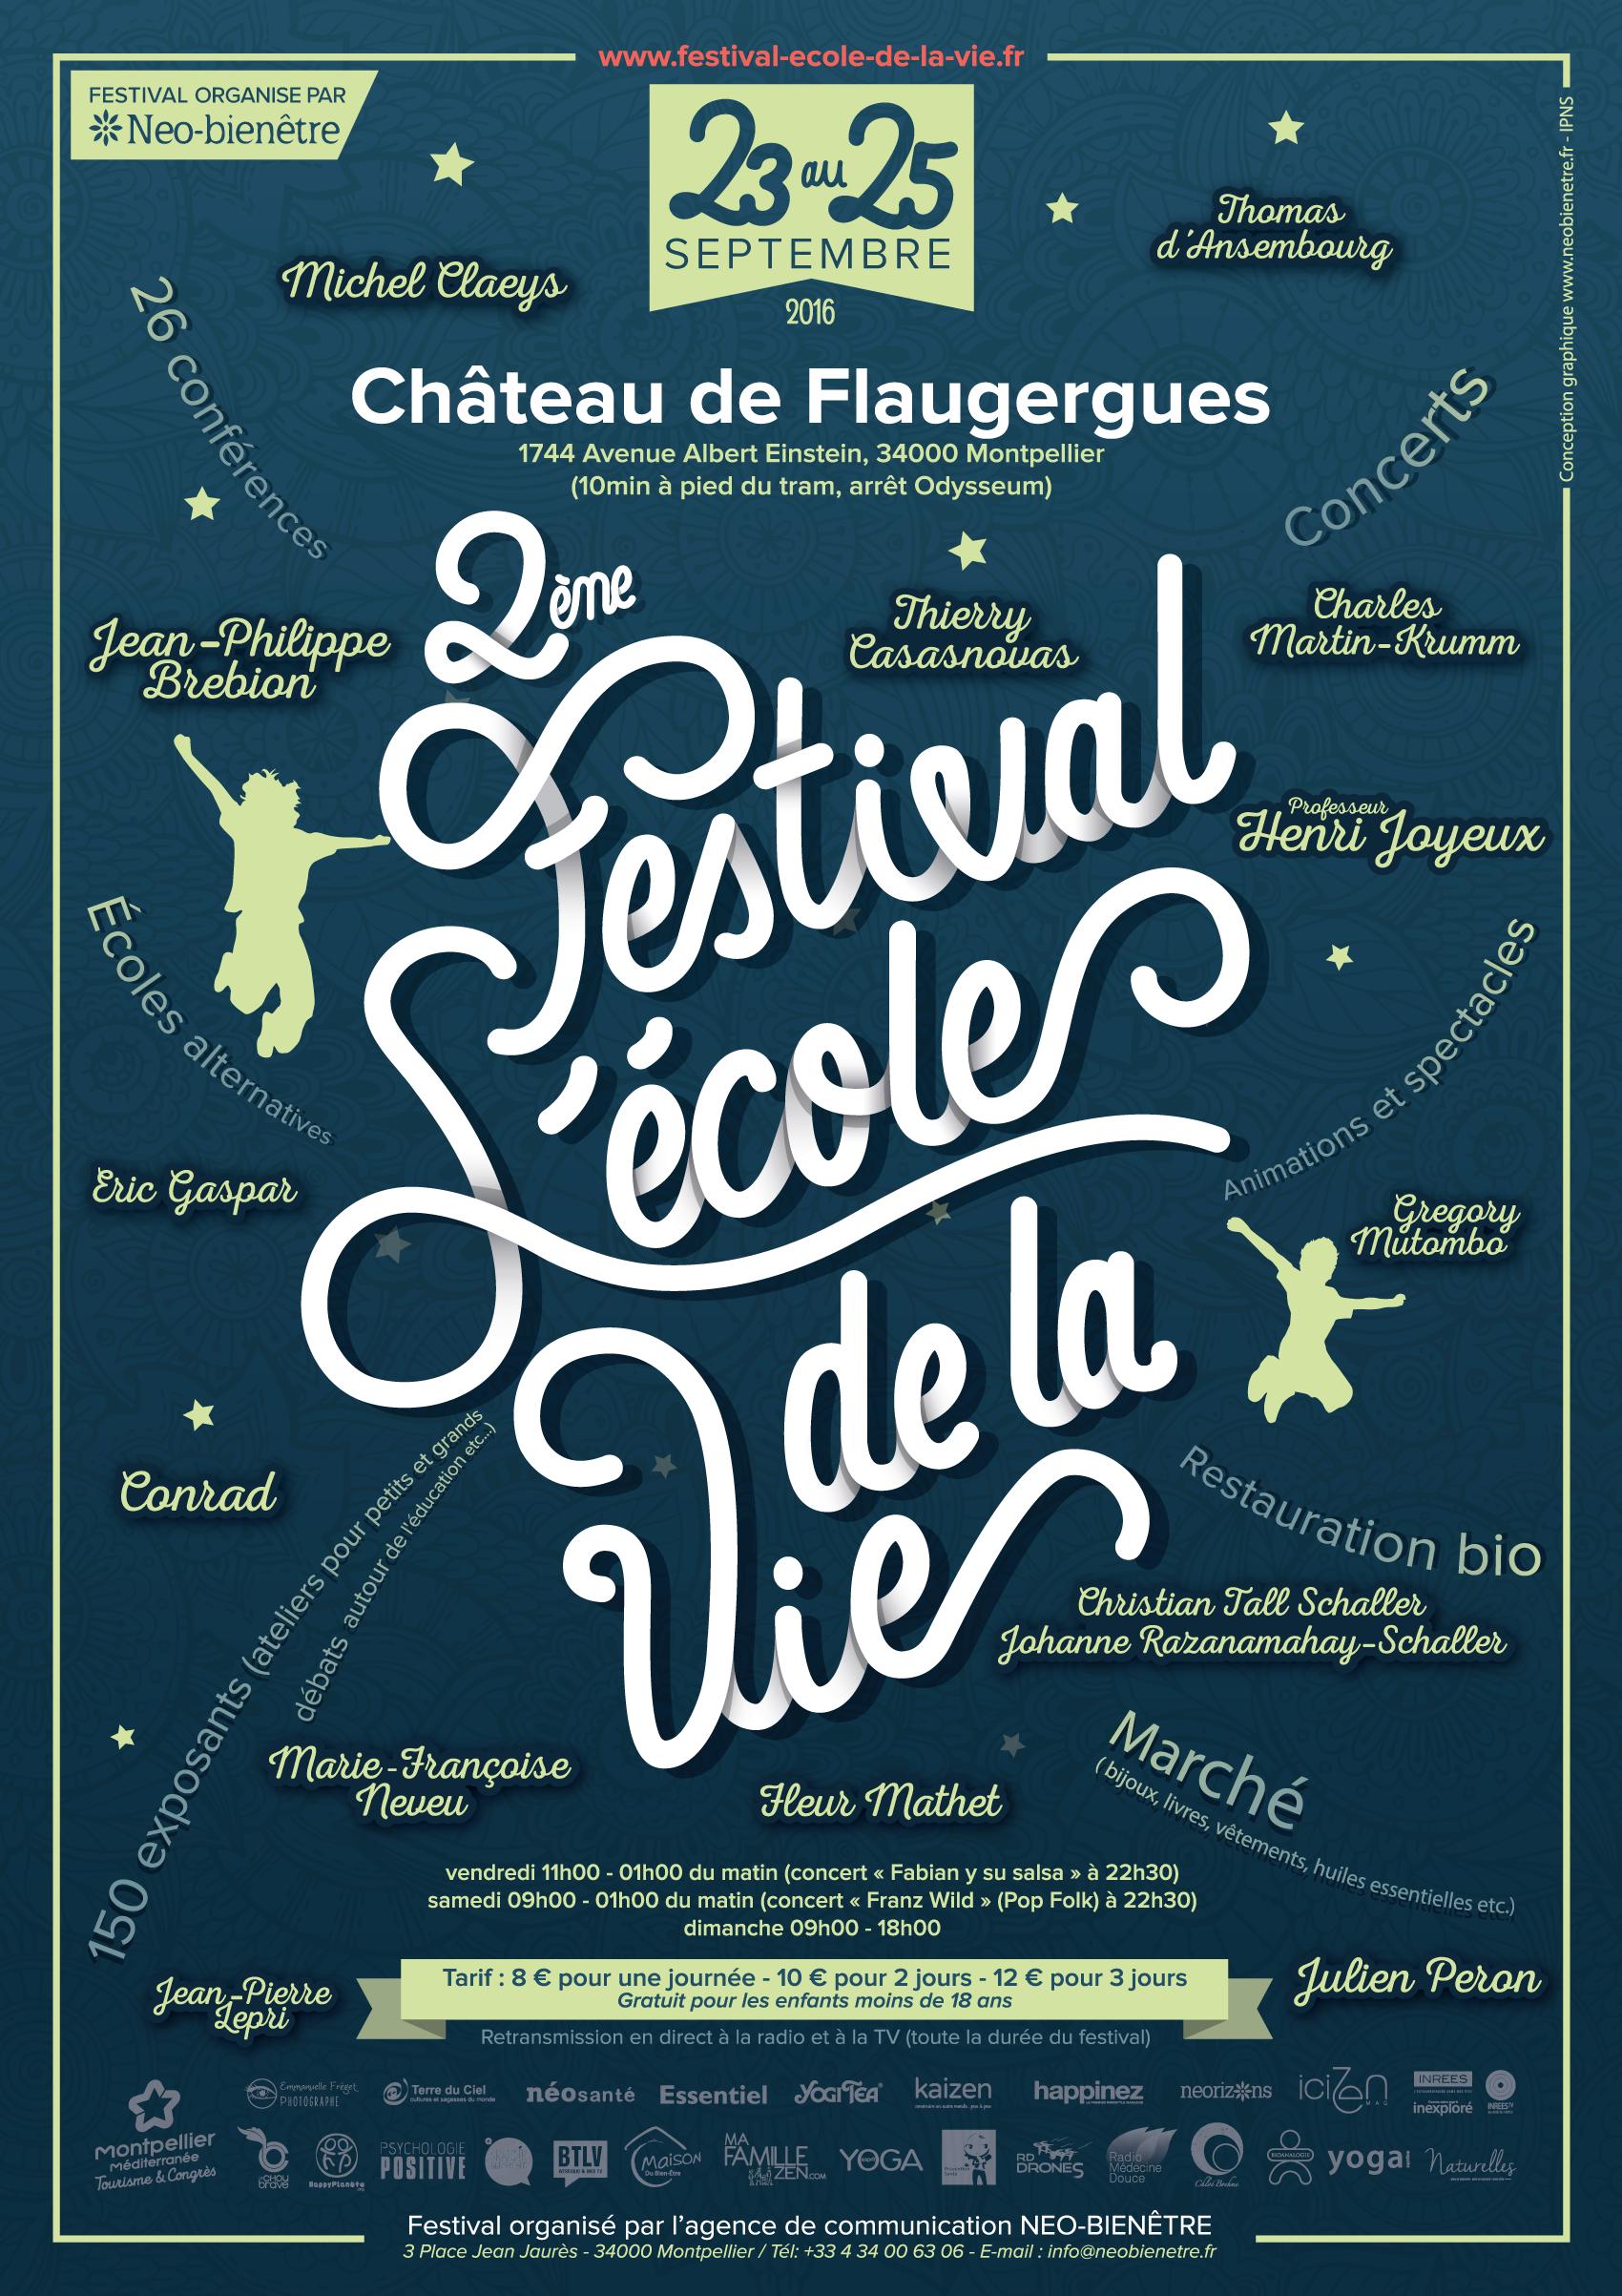 affiche_festival_ecole_de_la_vie